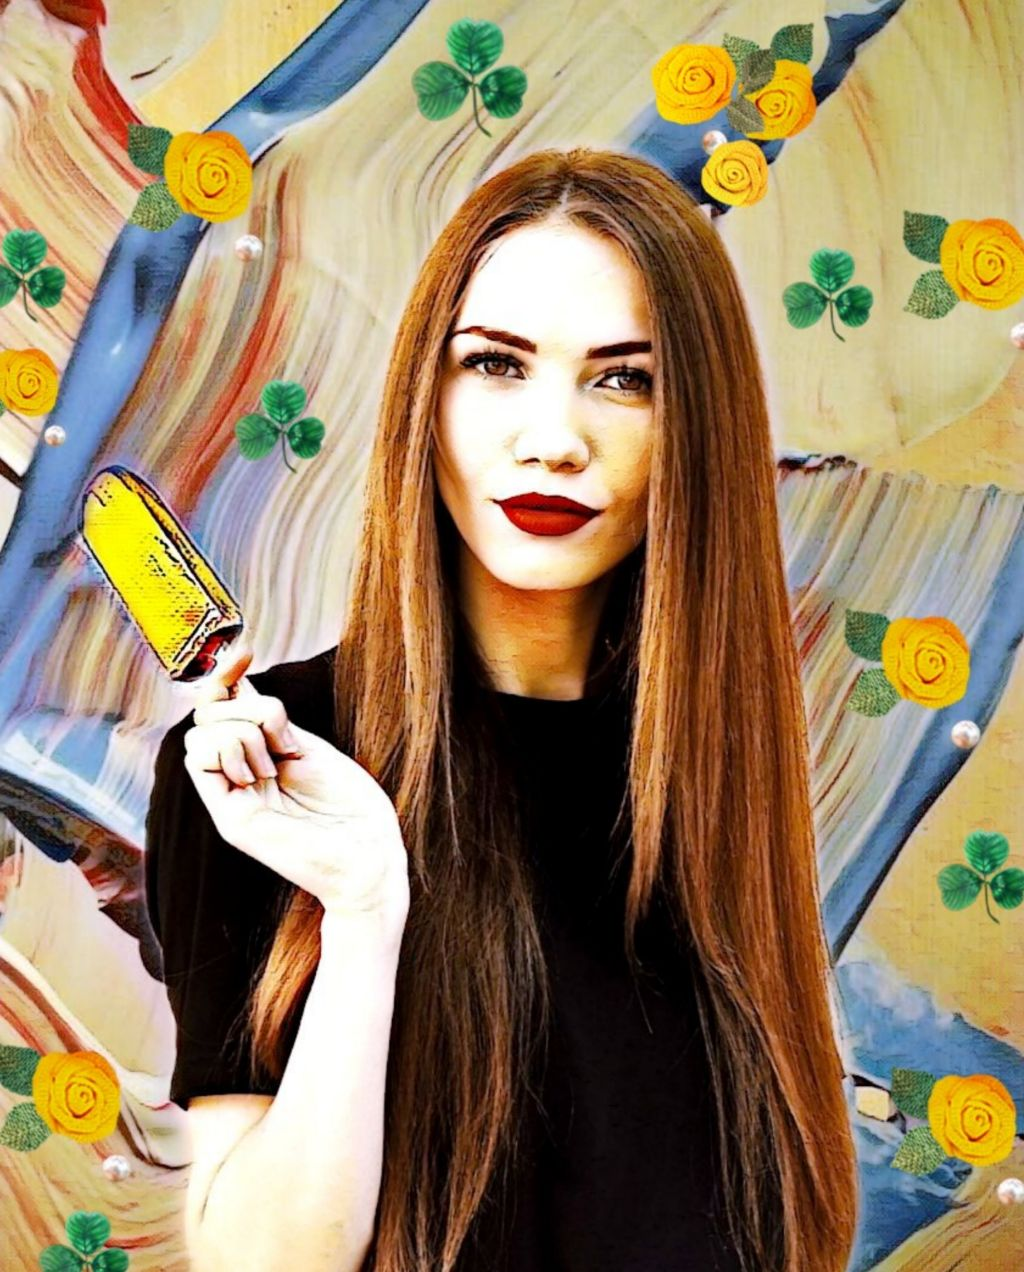 #freetoedit #edit by Smartphones #girl #woman #flower #flowers #yellow #colorful#picsart  #beautifulbackground #beautifuledit #remix #remixed